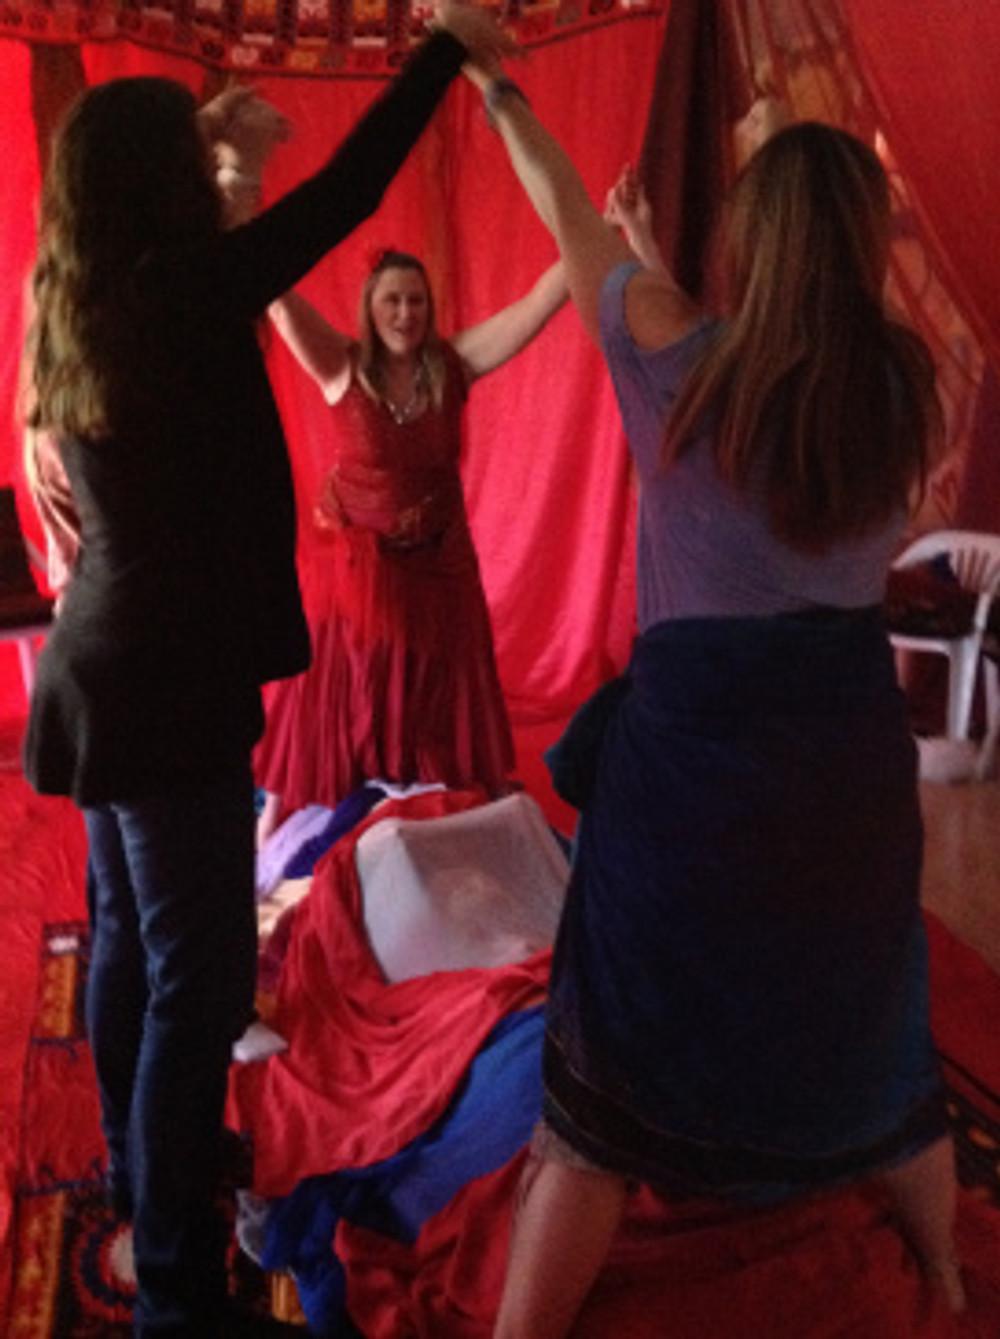 Red Tent, Escondido, CA